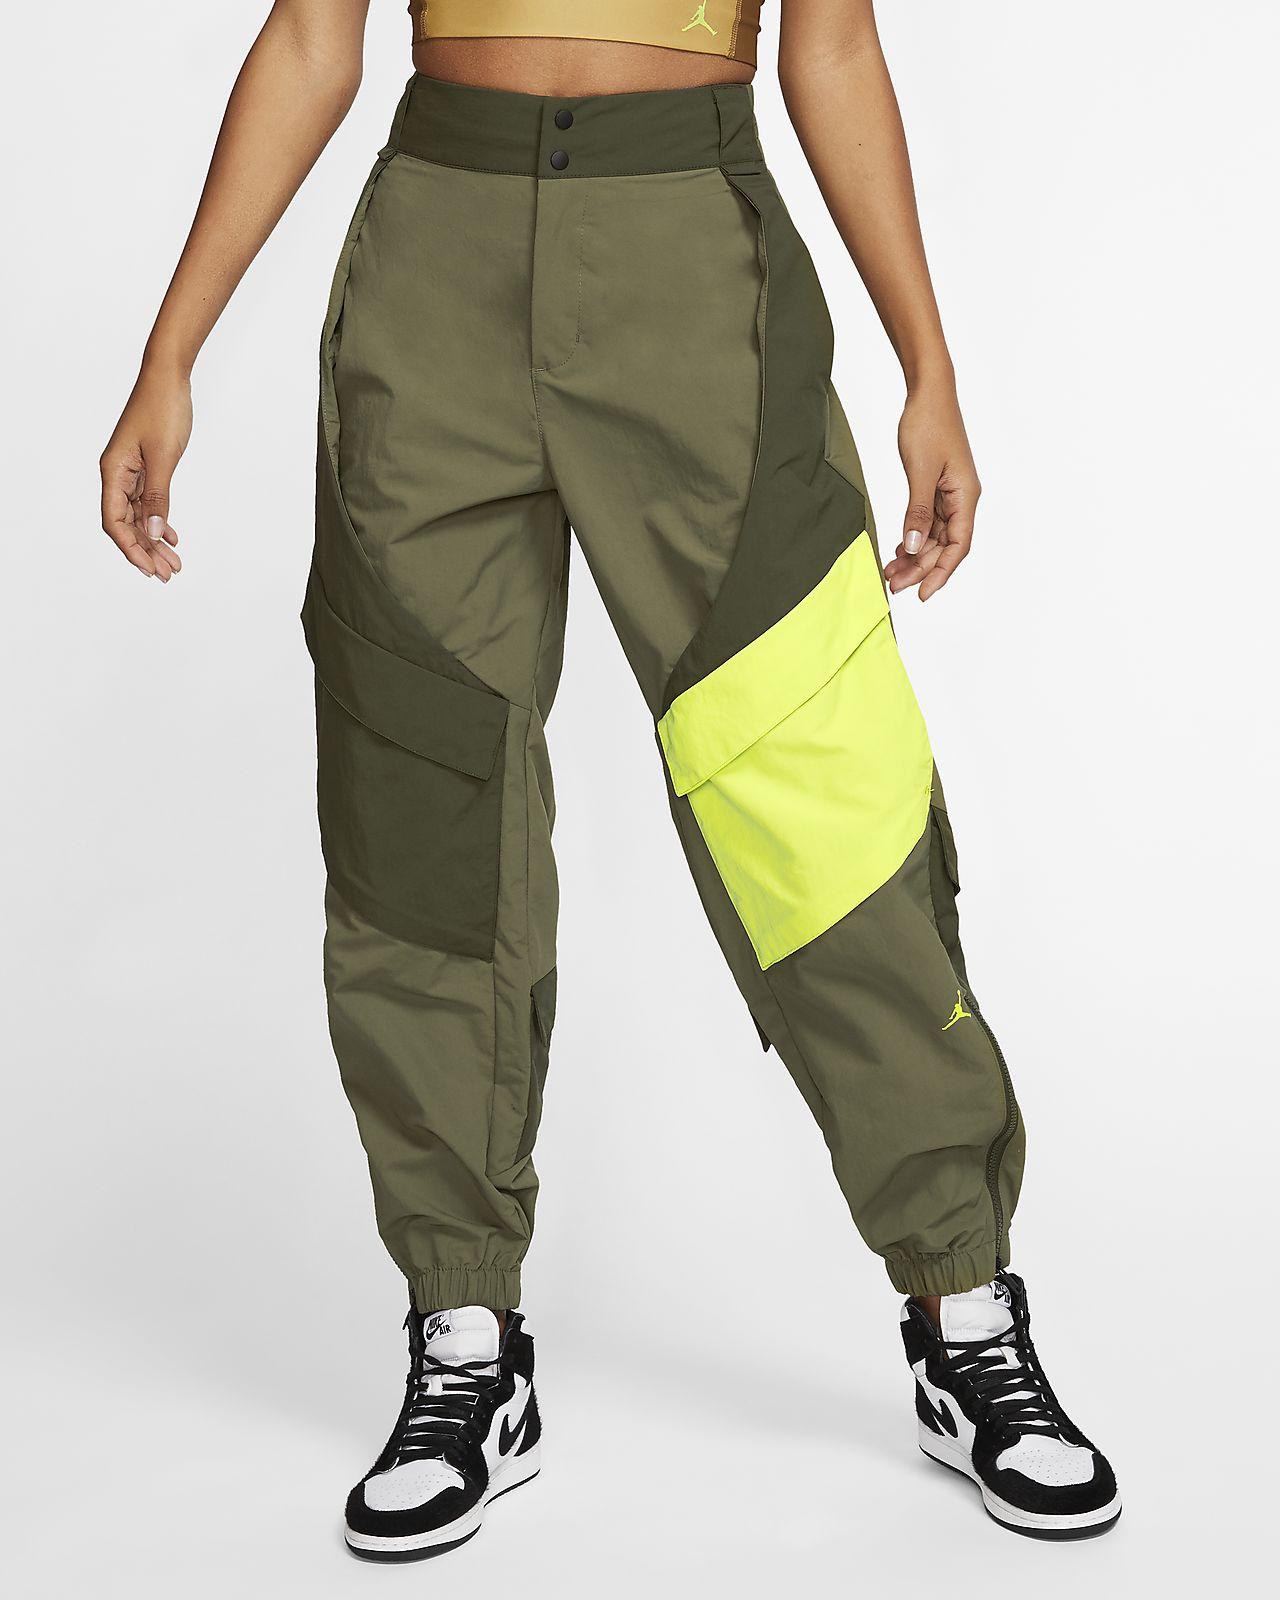 Jordan Utility broek voor dames